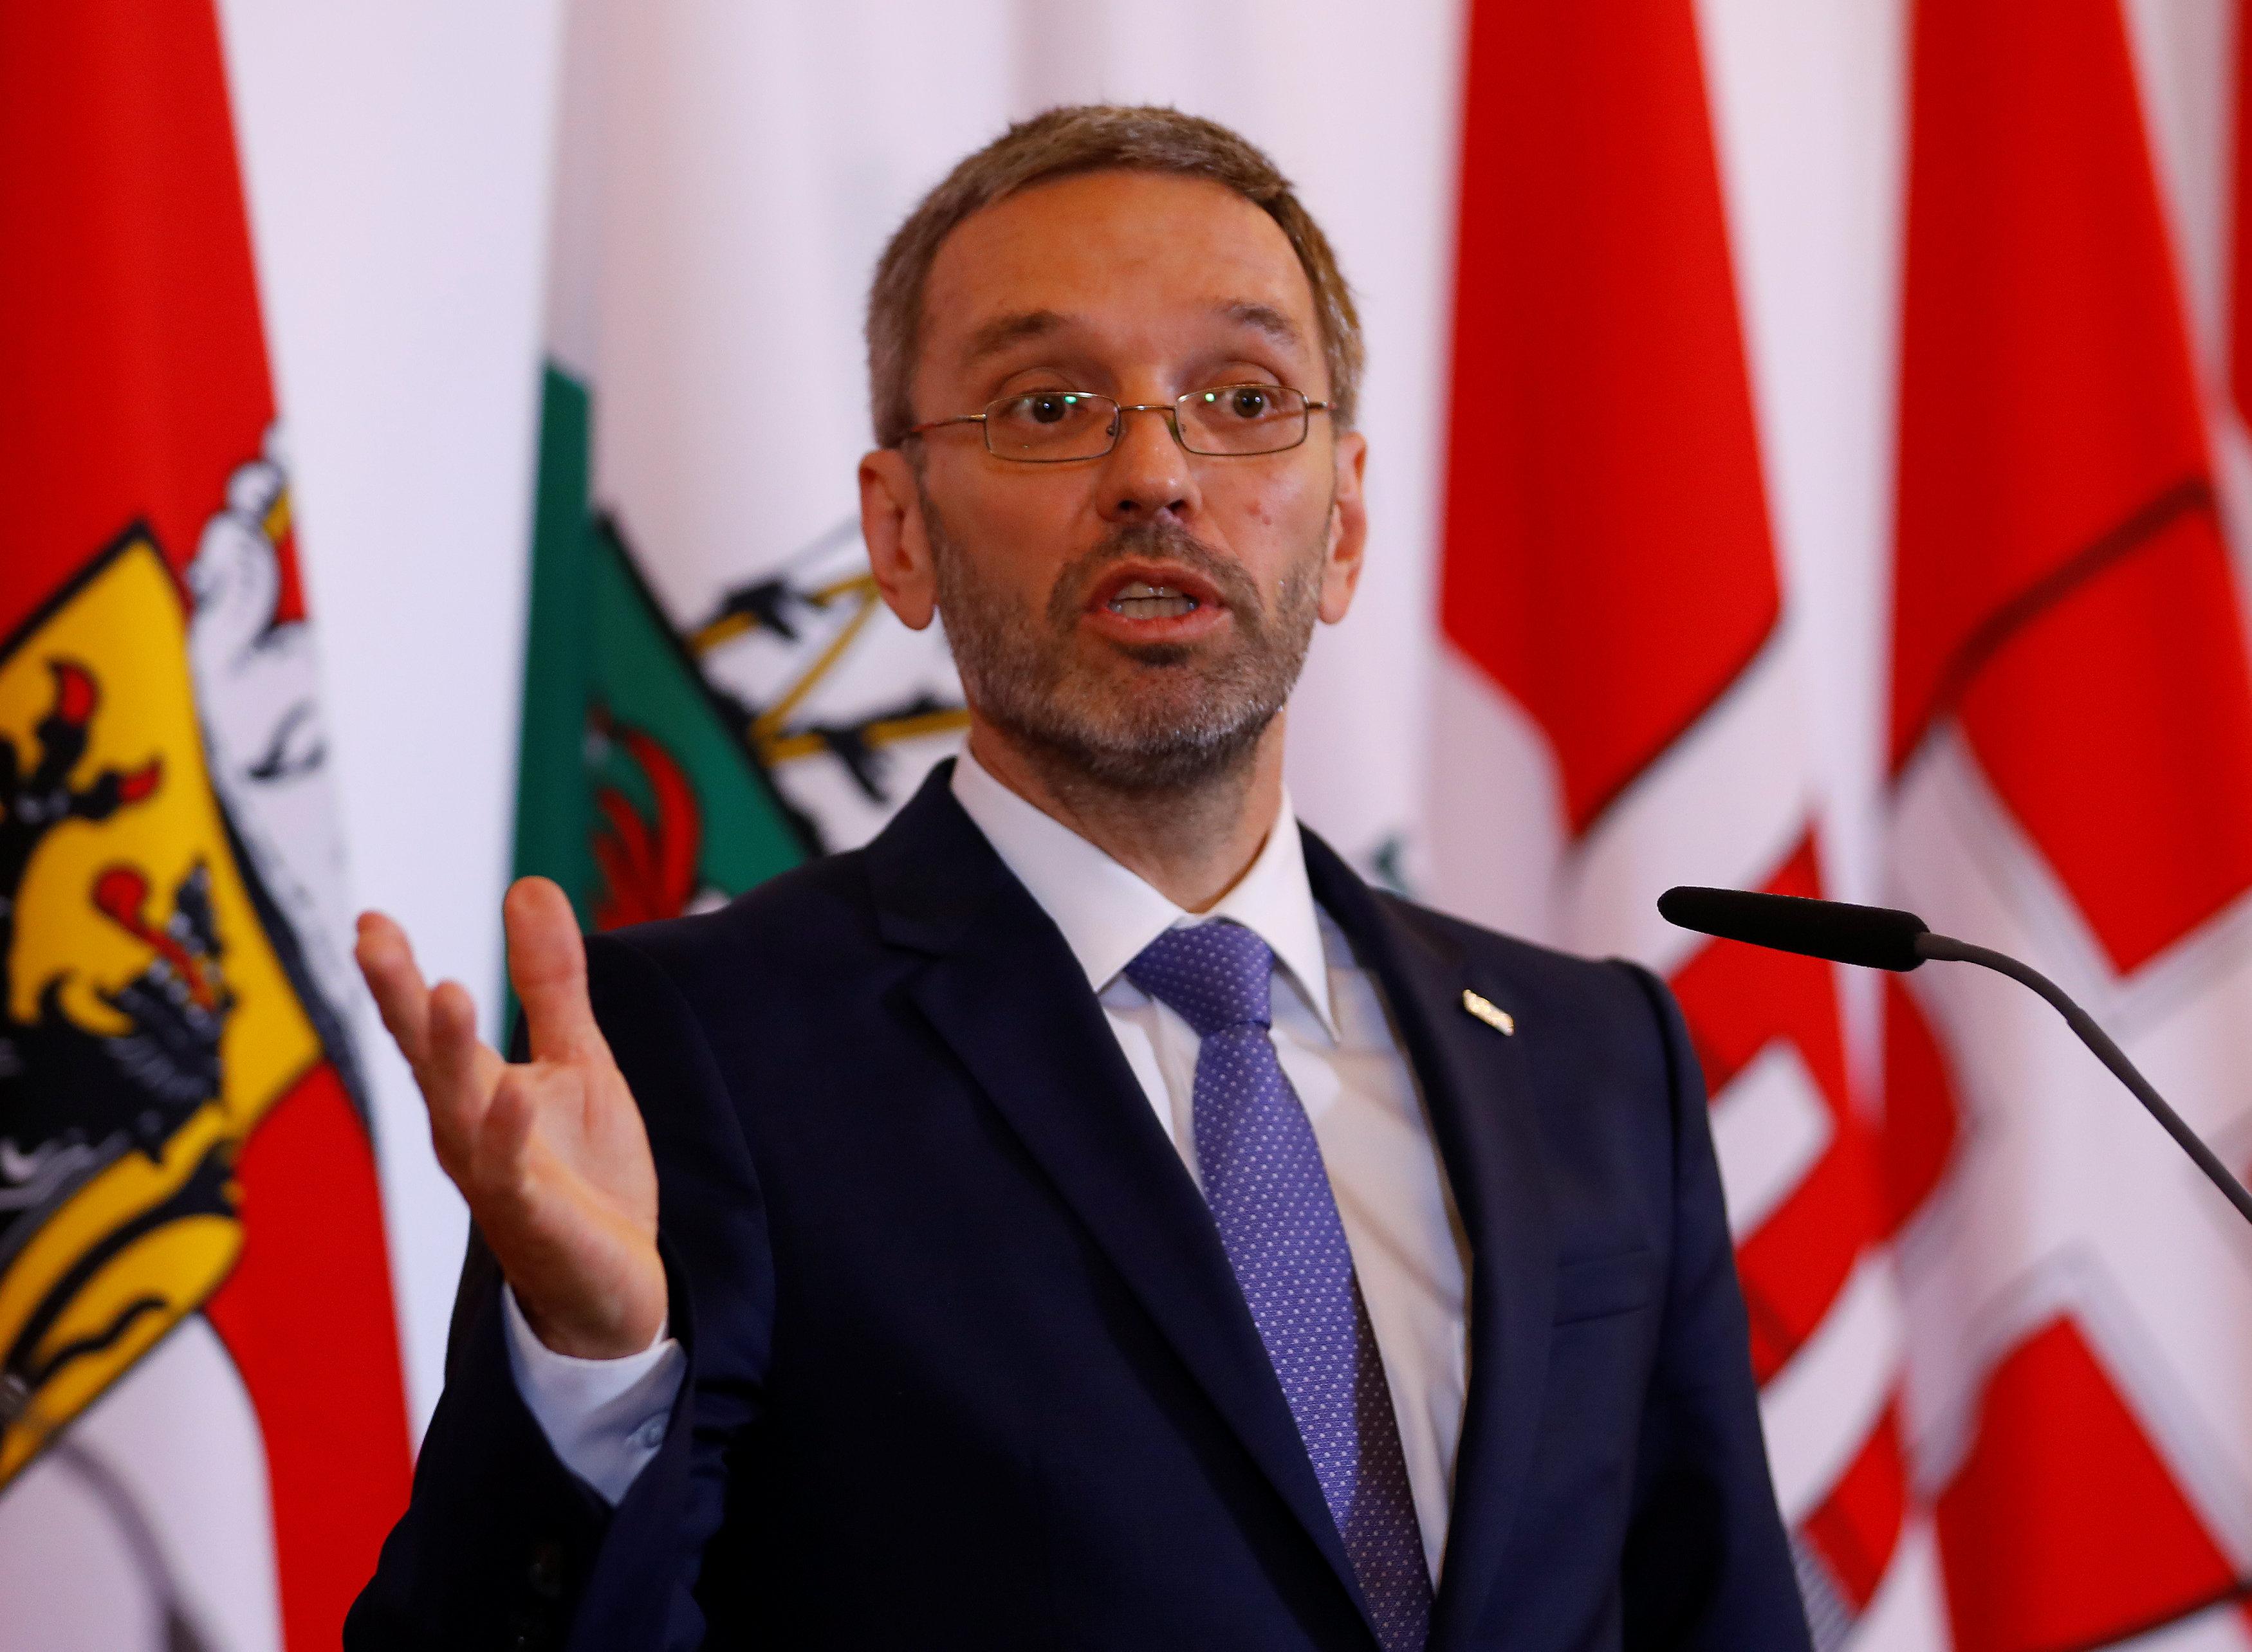 وزير داخلية النمسا يطالب بإصلاح قوانين اللجوء للقضاء على العنف